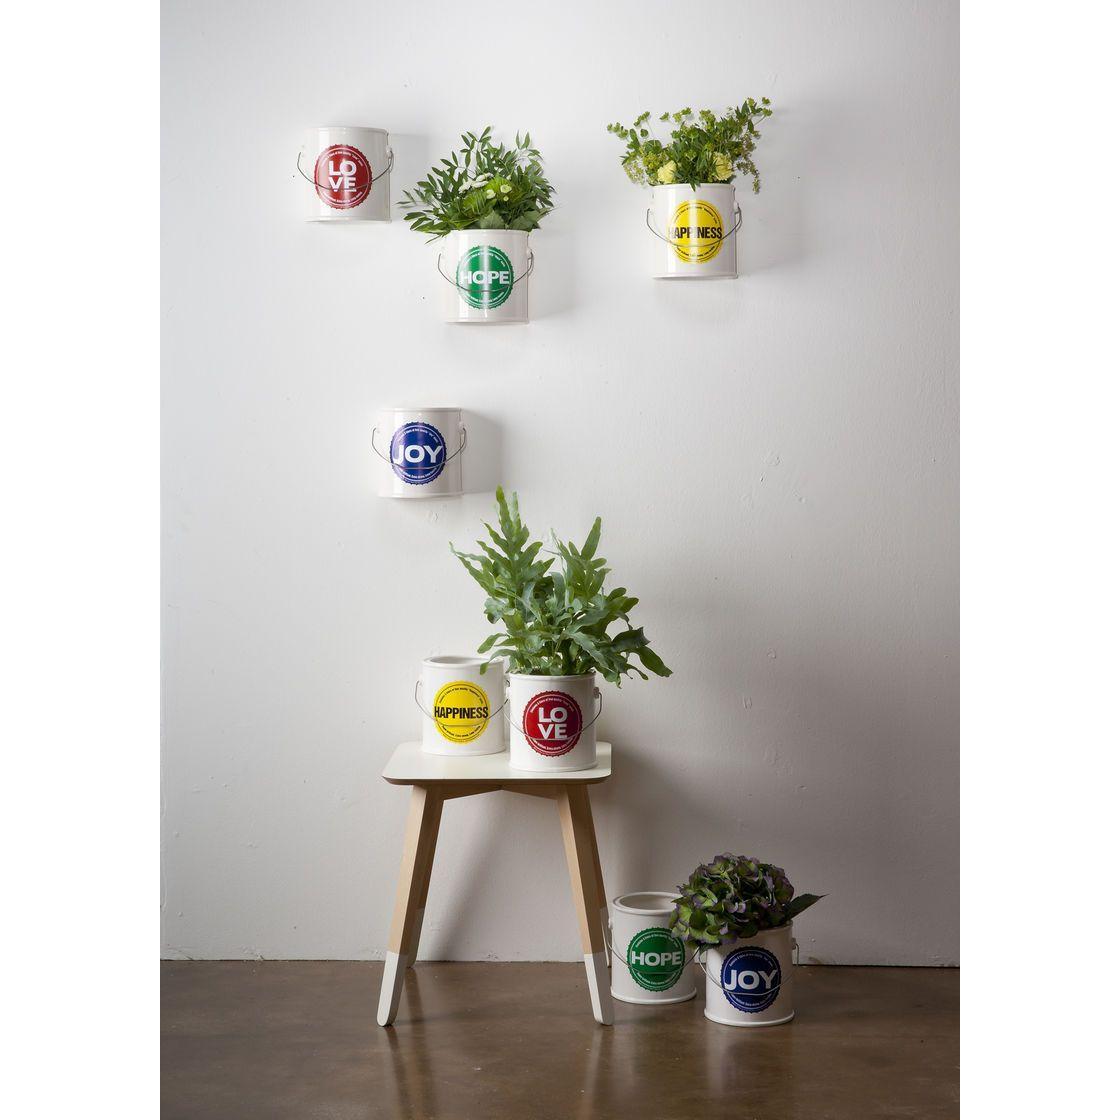 Vasi in ceramica bianca a forma di barattolo di vernice con etichetta colorate